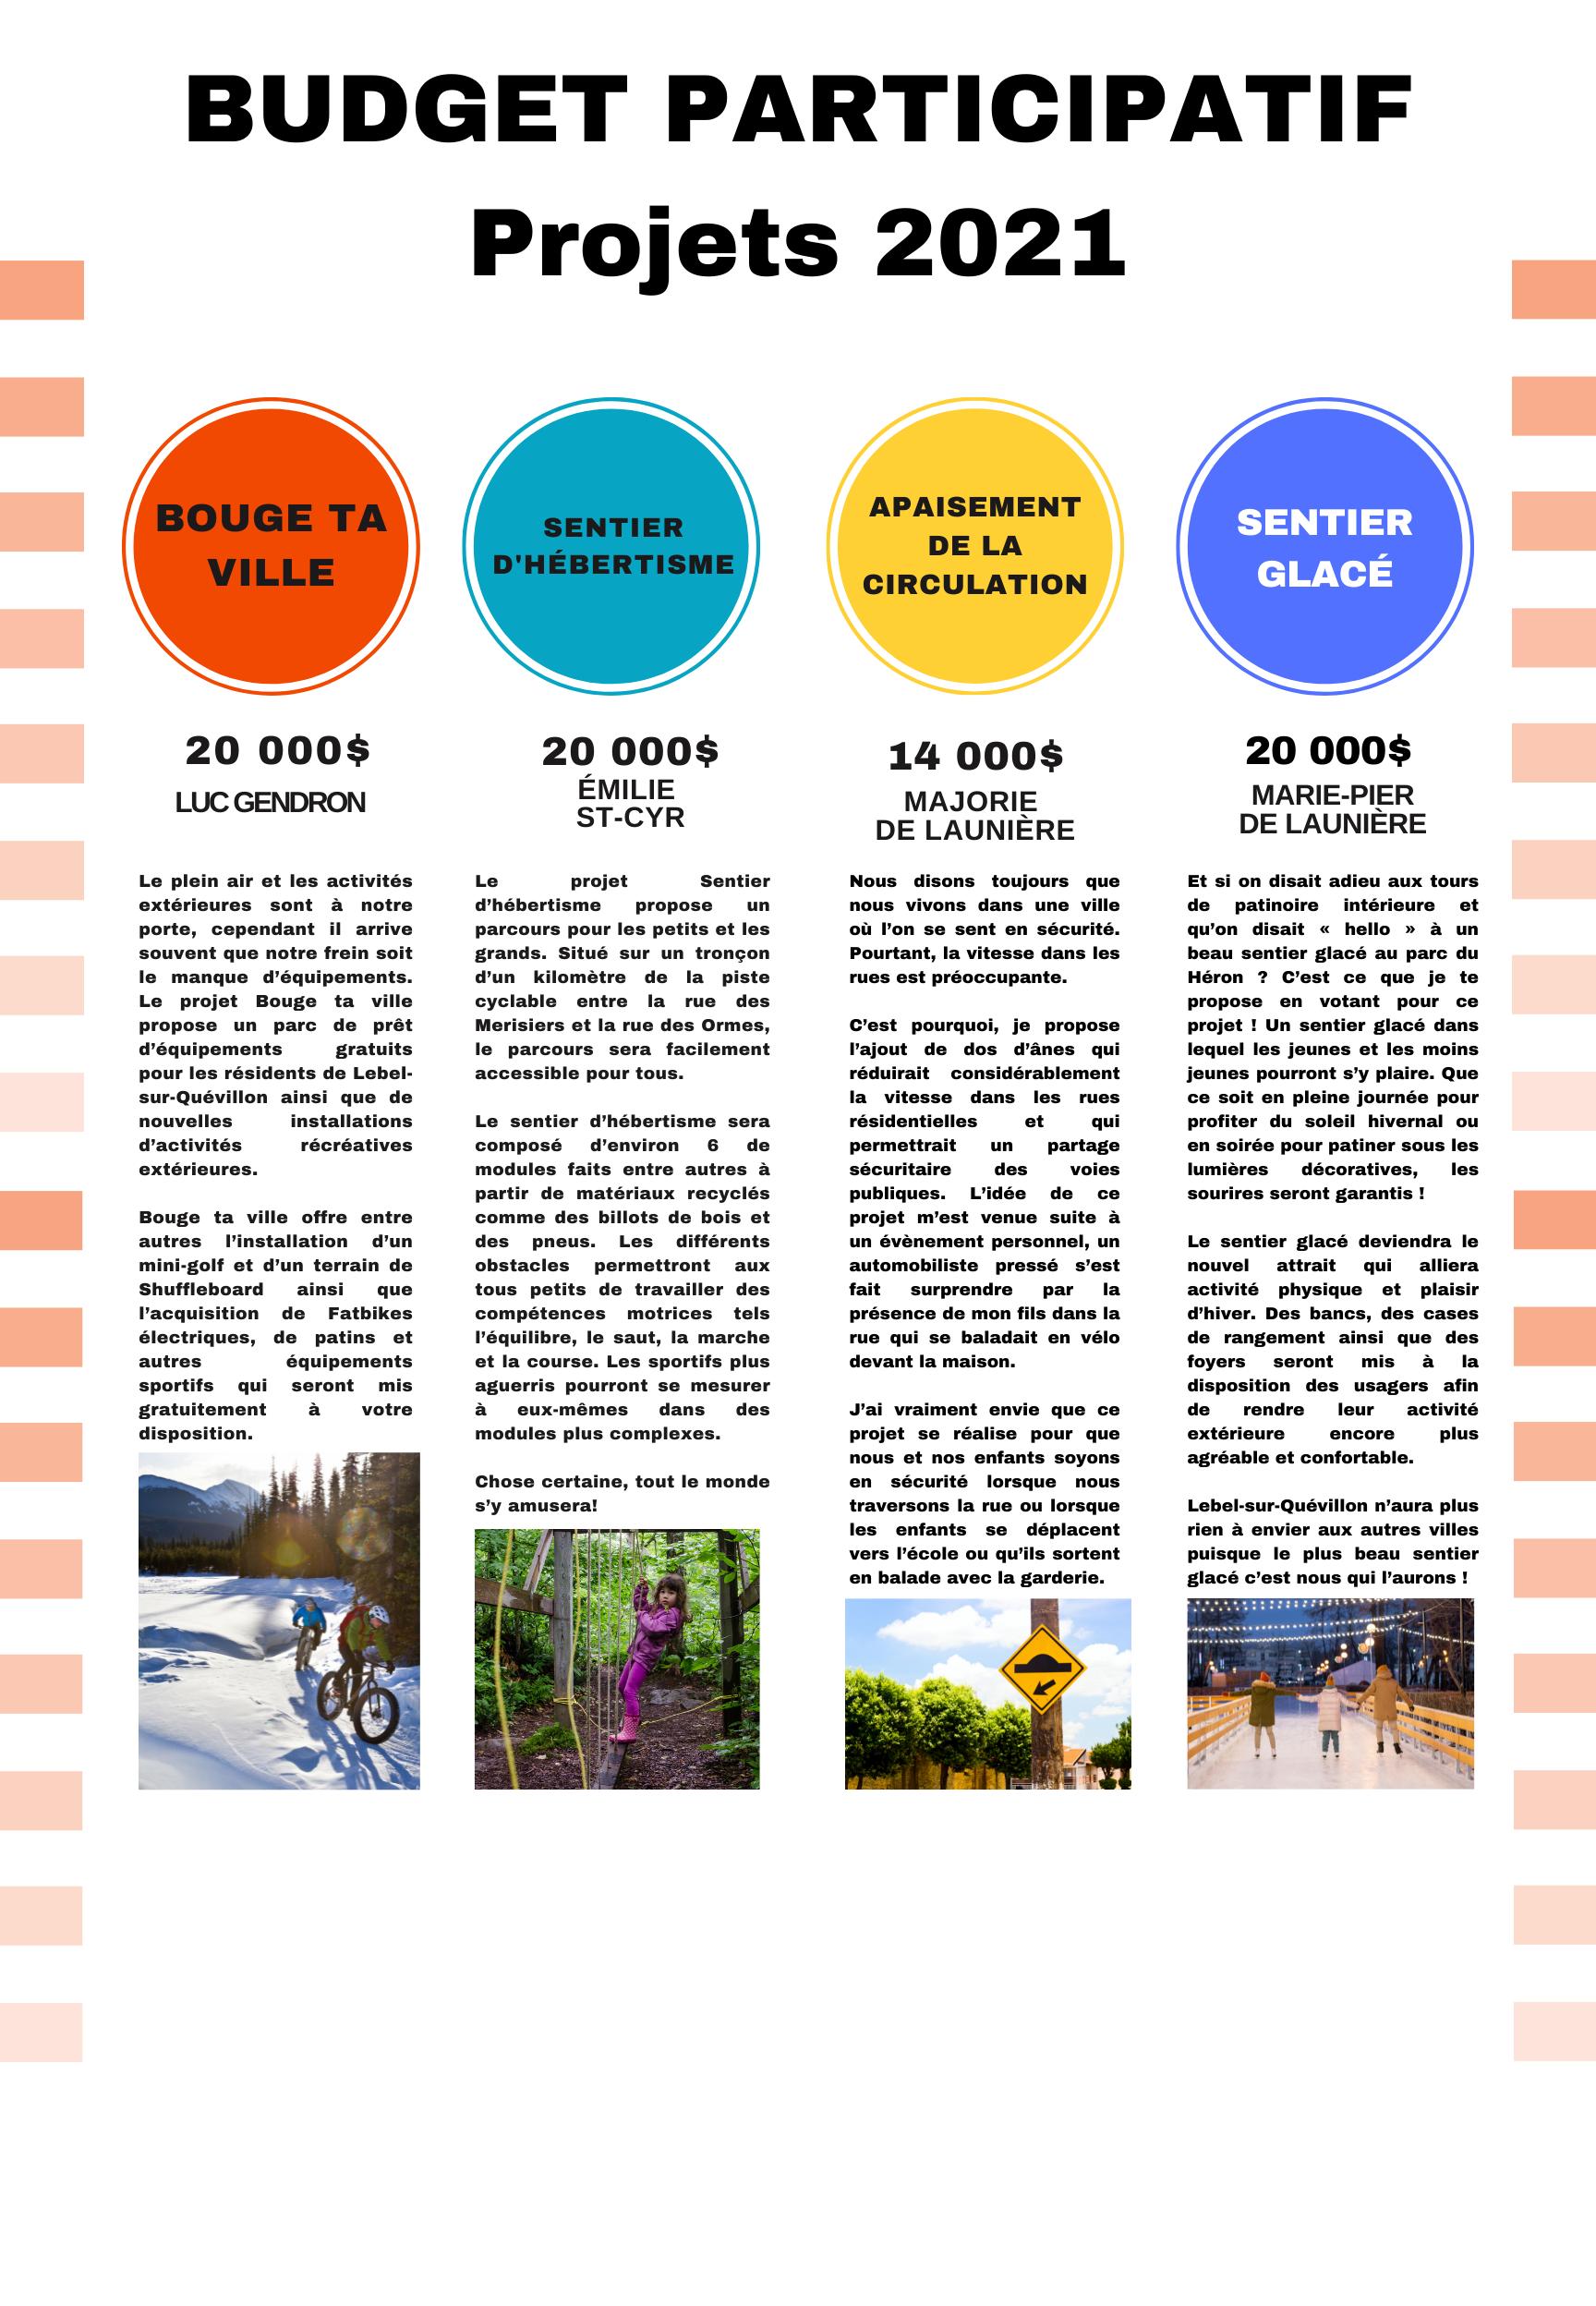 Copie de Copie de budget participatif (1) (1728x2496)